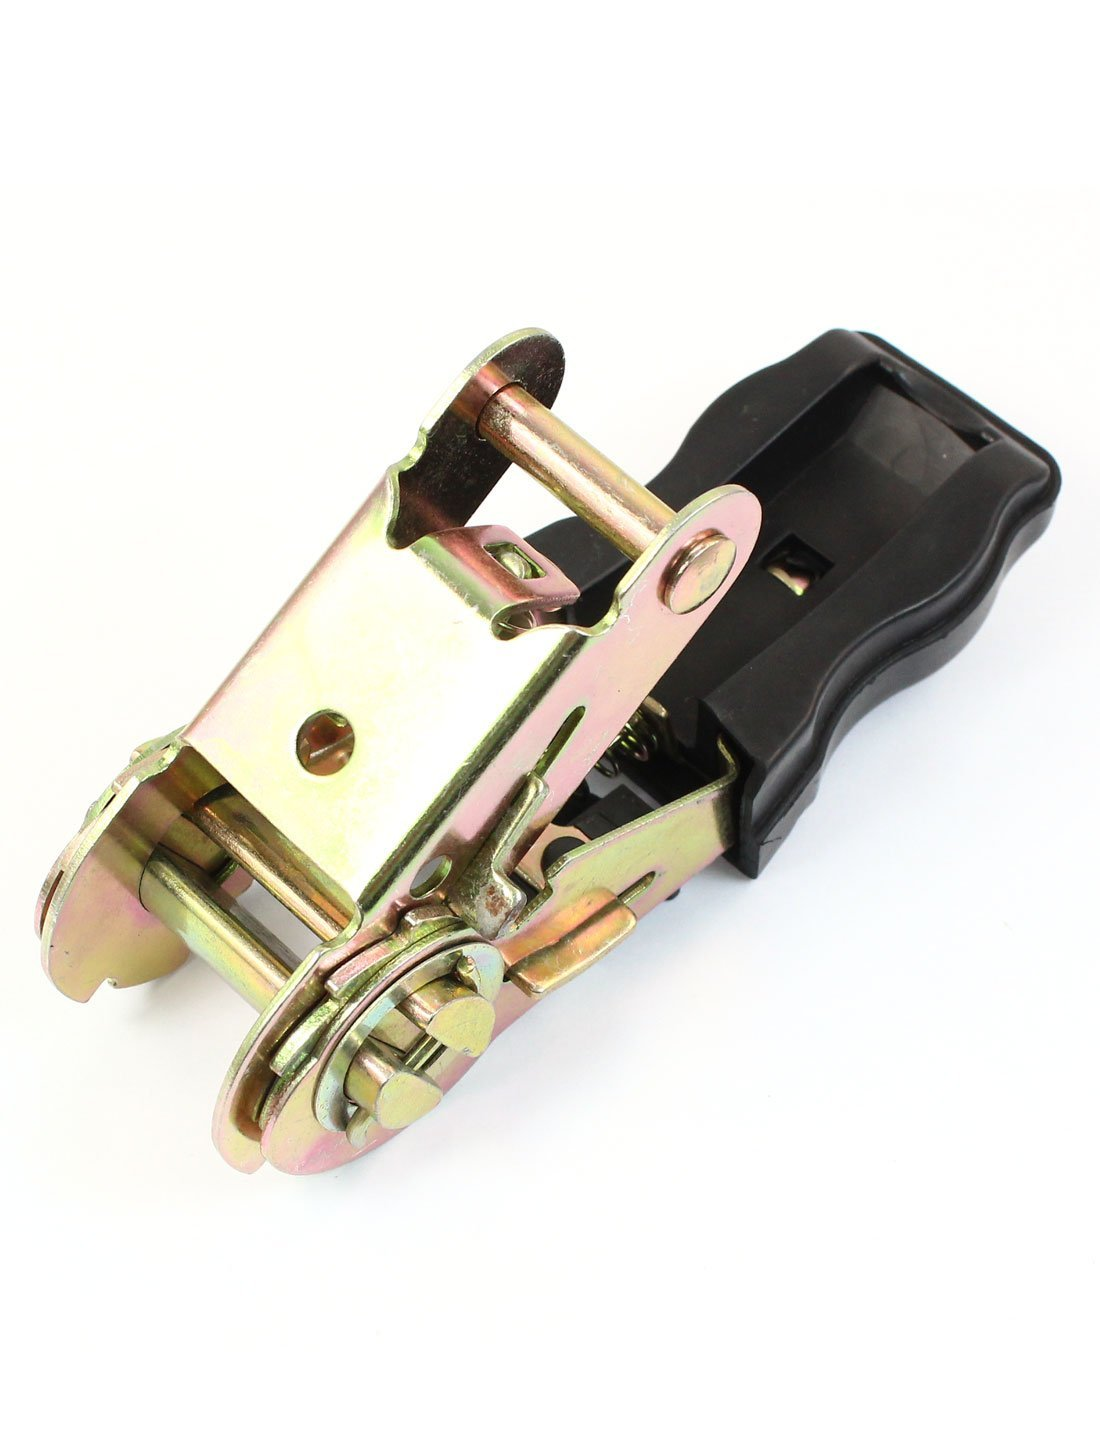 2pcs plastica coperto Metallo traino Ratchet fibbia per 1 tessitura Strap